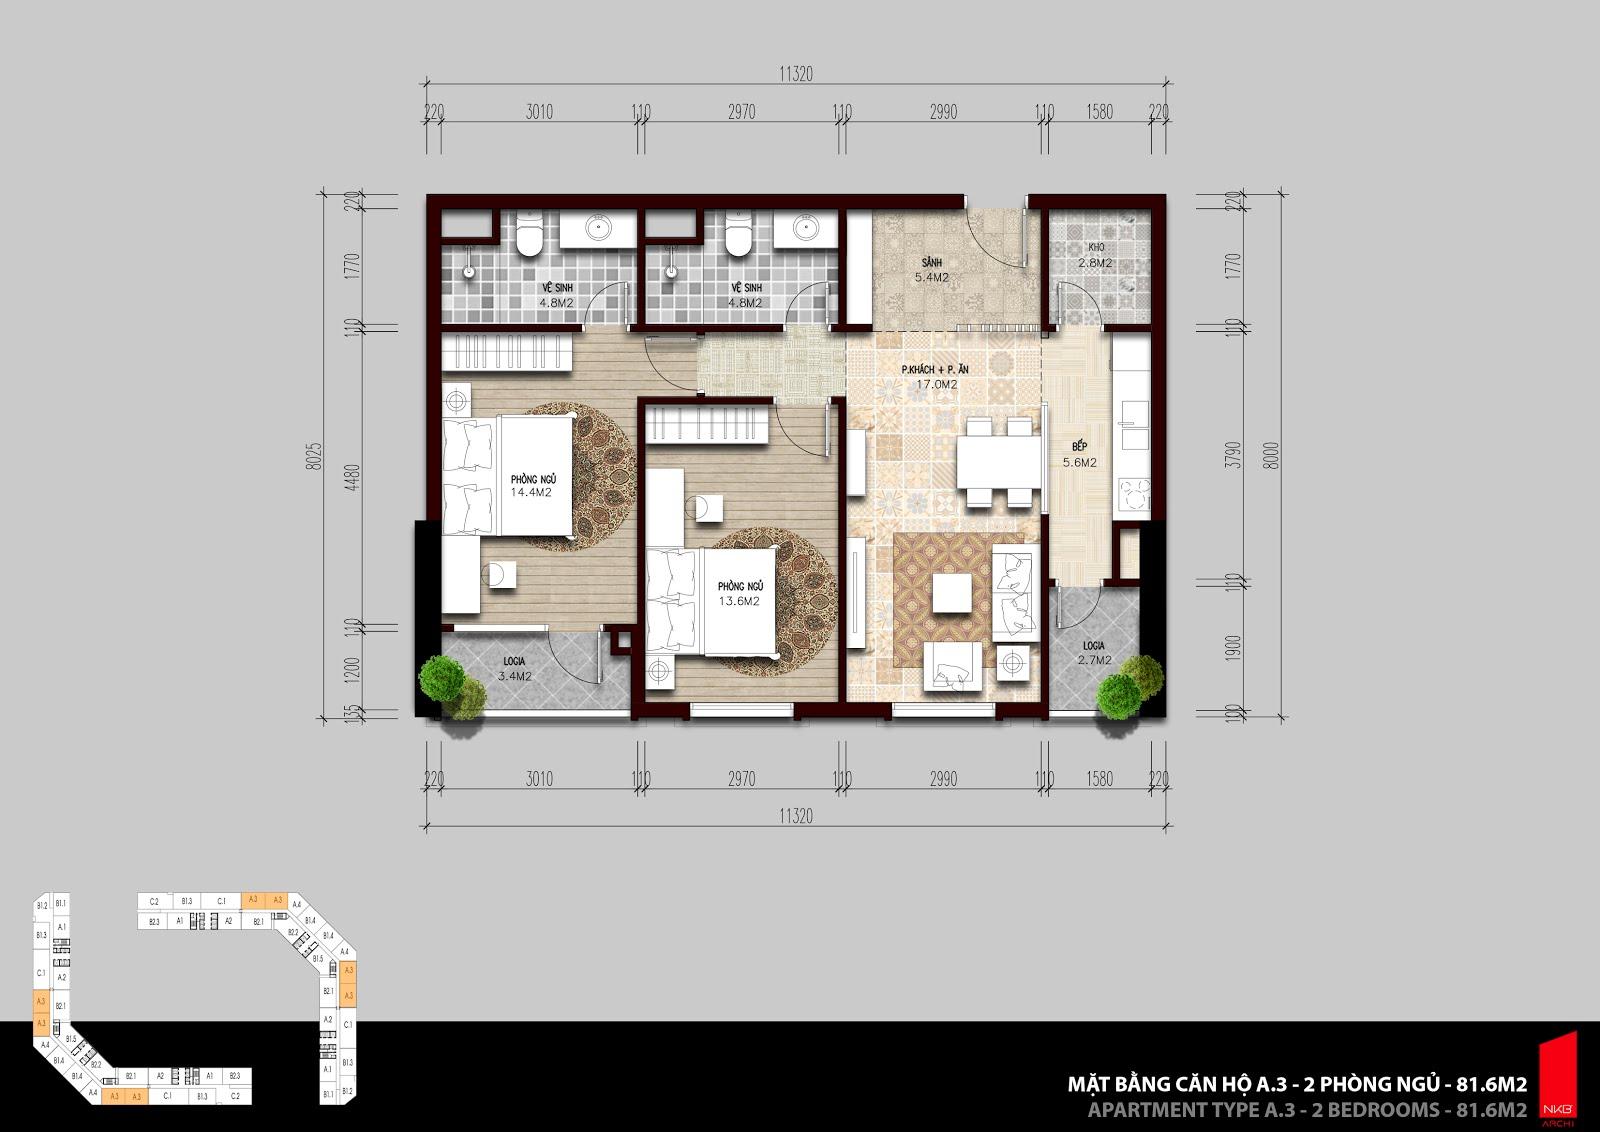 Mặt bằng căn A3 2 phòng ngủ  81.6m2 tại The Emerald Mỹ Đình